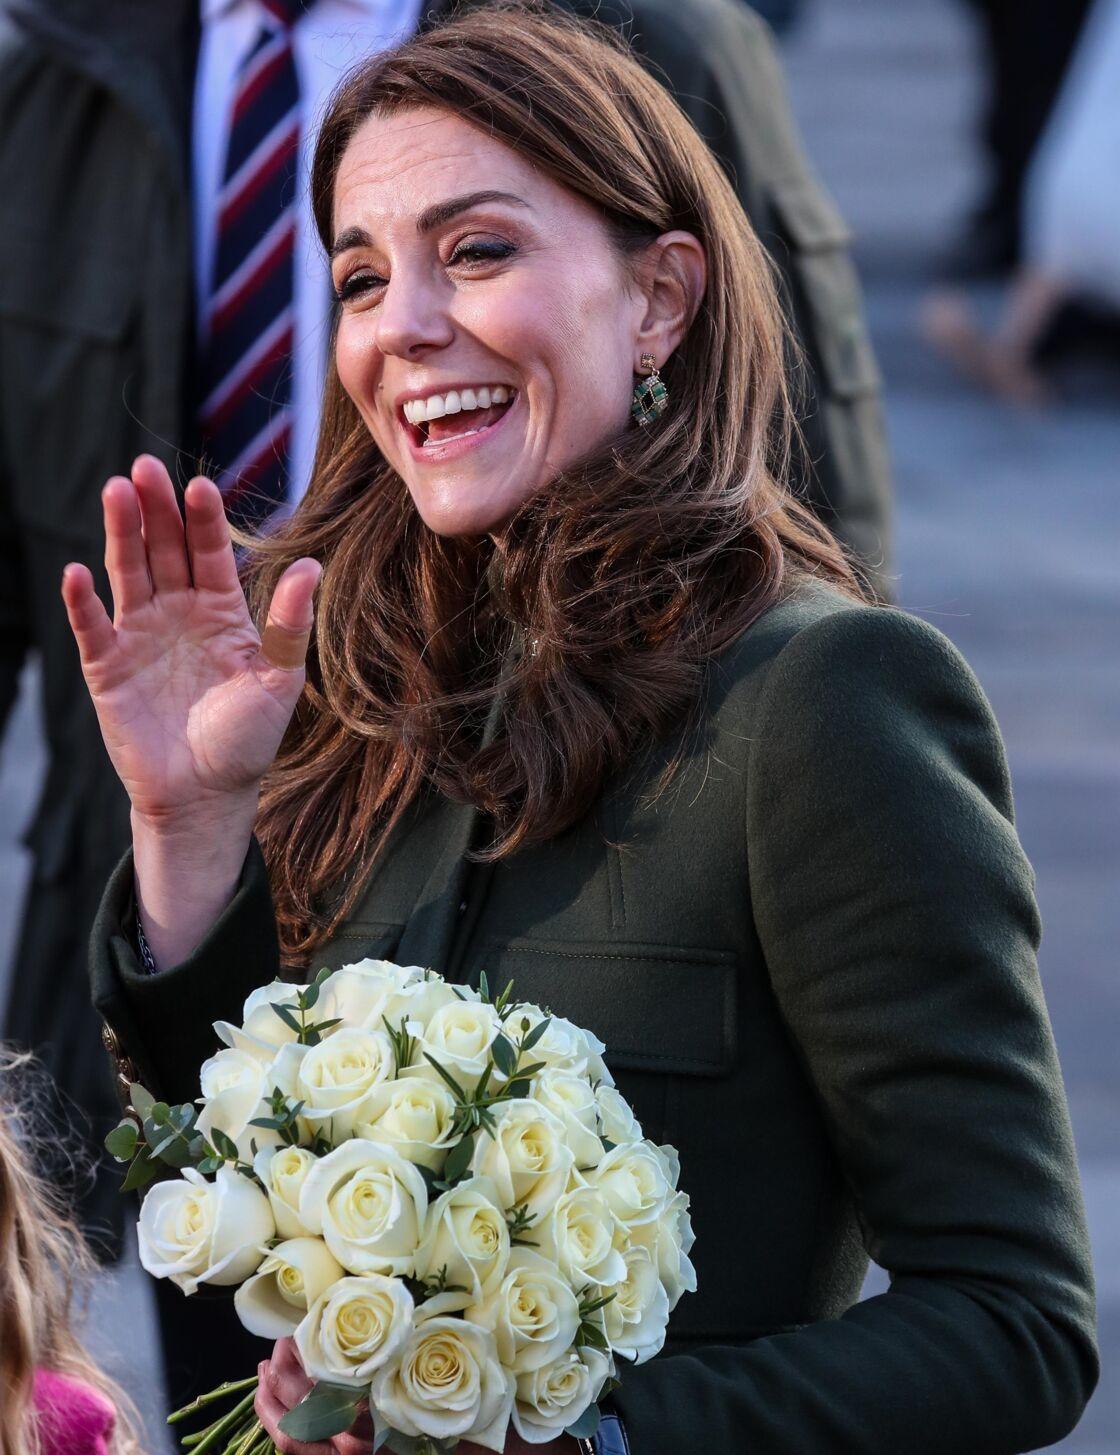 Kate Middleton porte un pansement au pouce, à Centenary Square lors de sa visite à Bradford, le 15 janvier 2020.